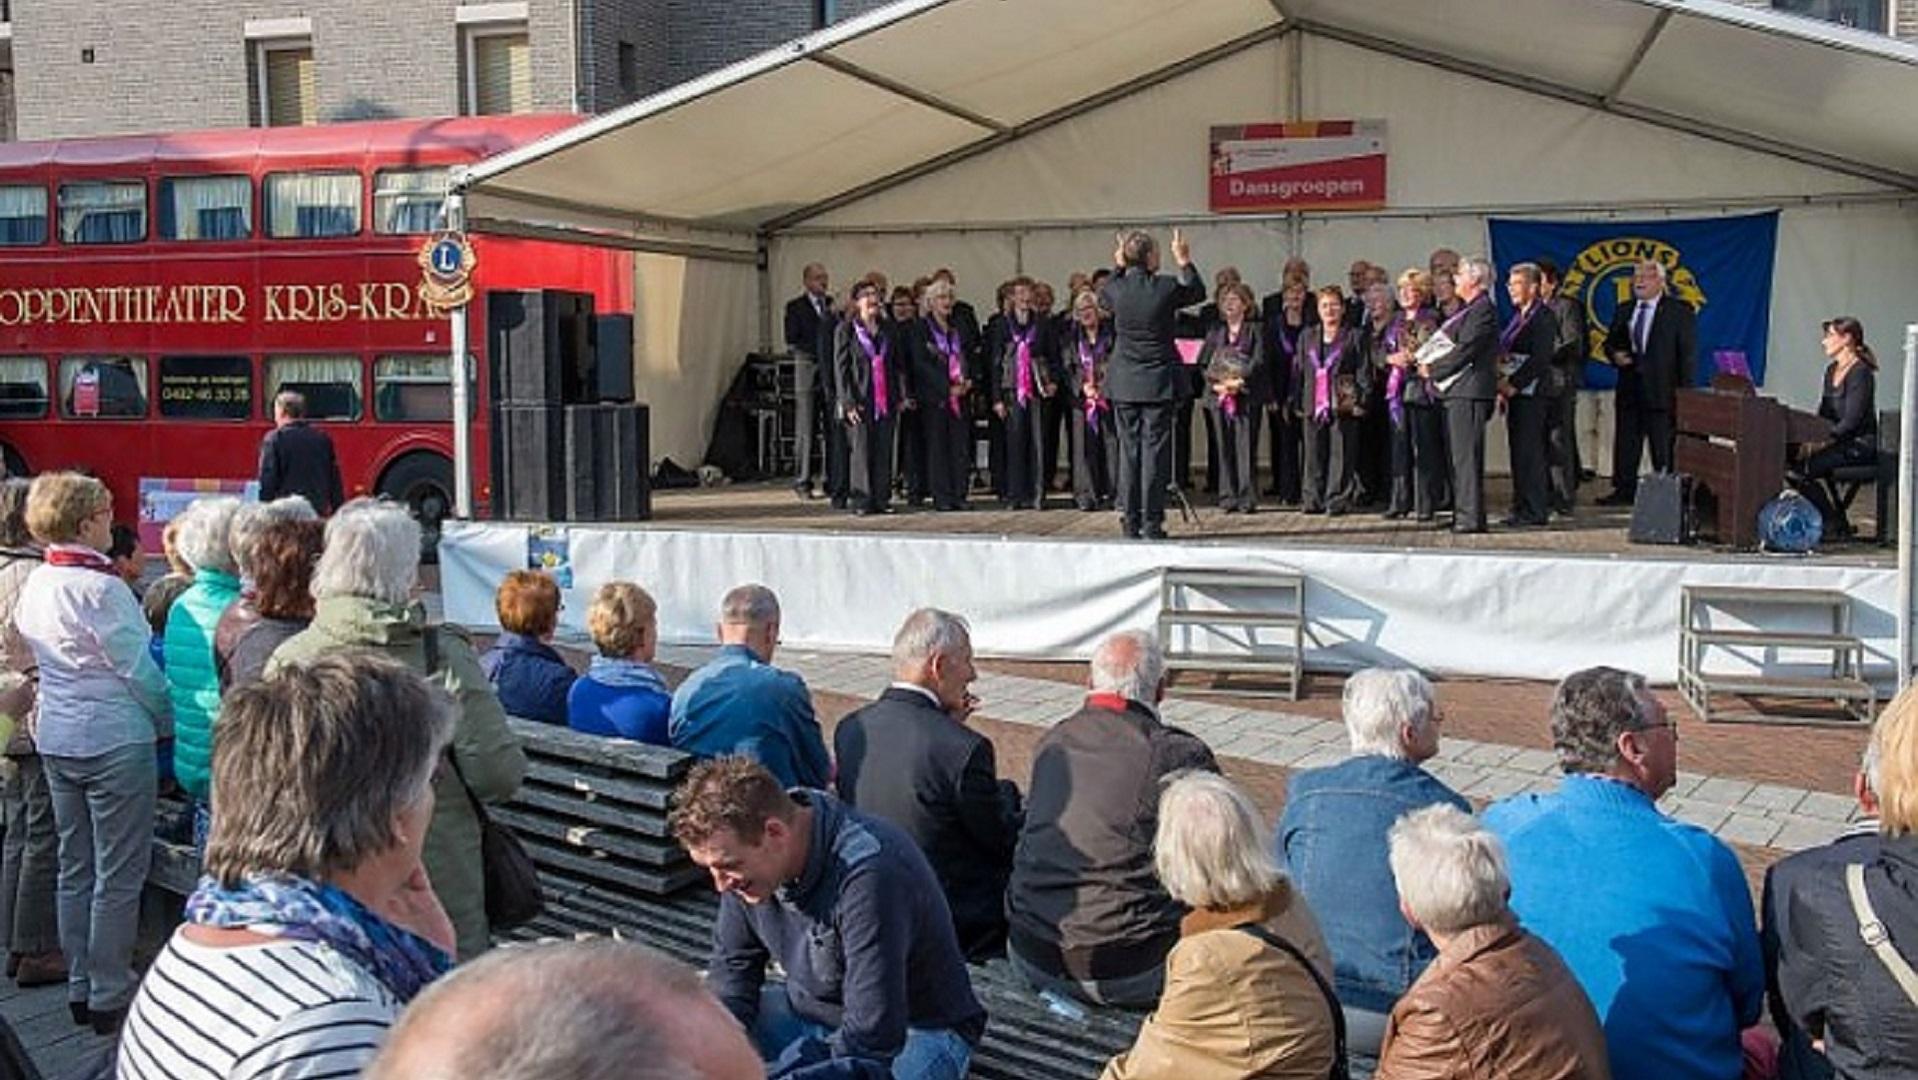 Foto: Hein van Bakel Weekblad voor Deurne